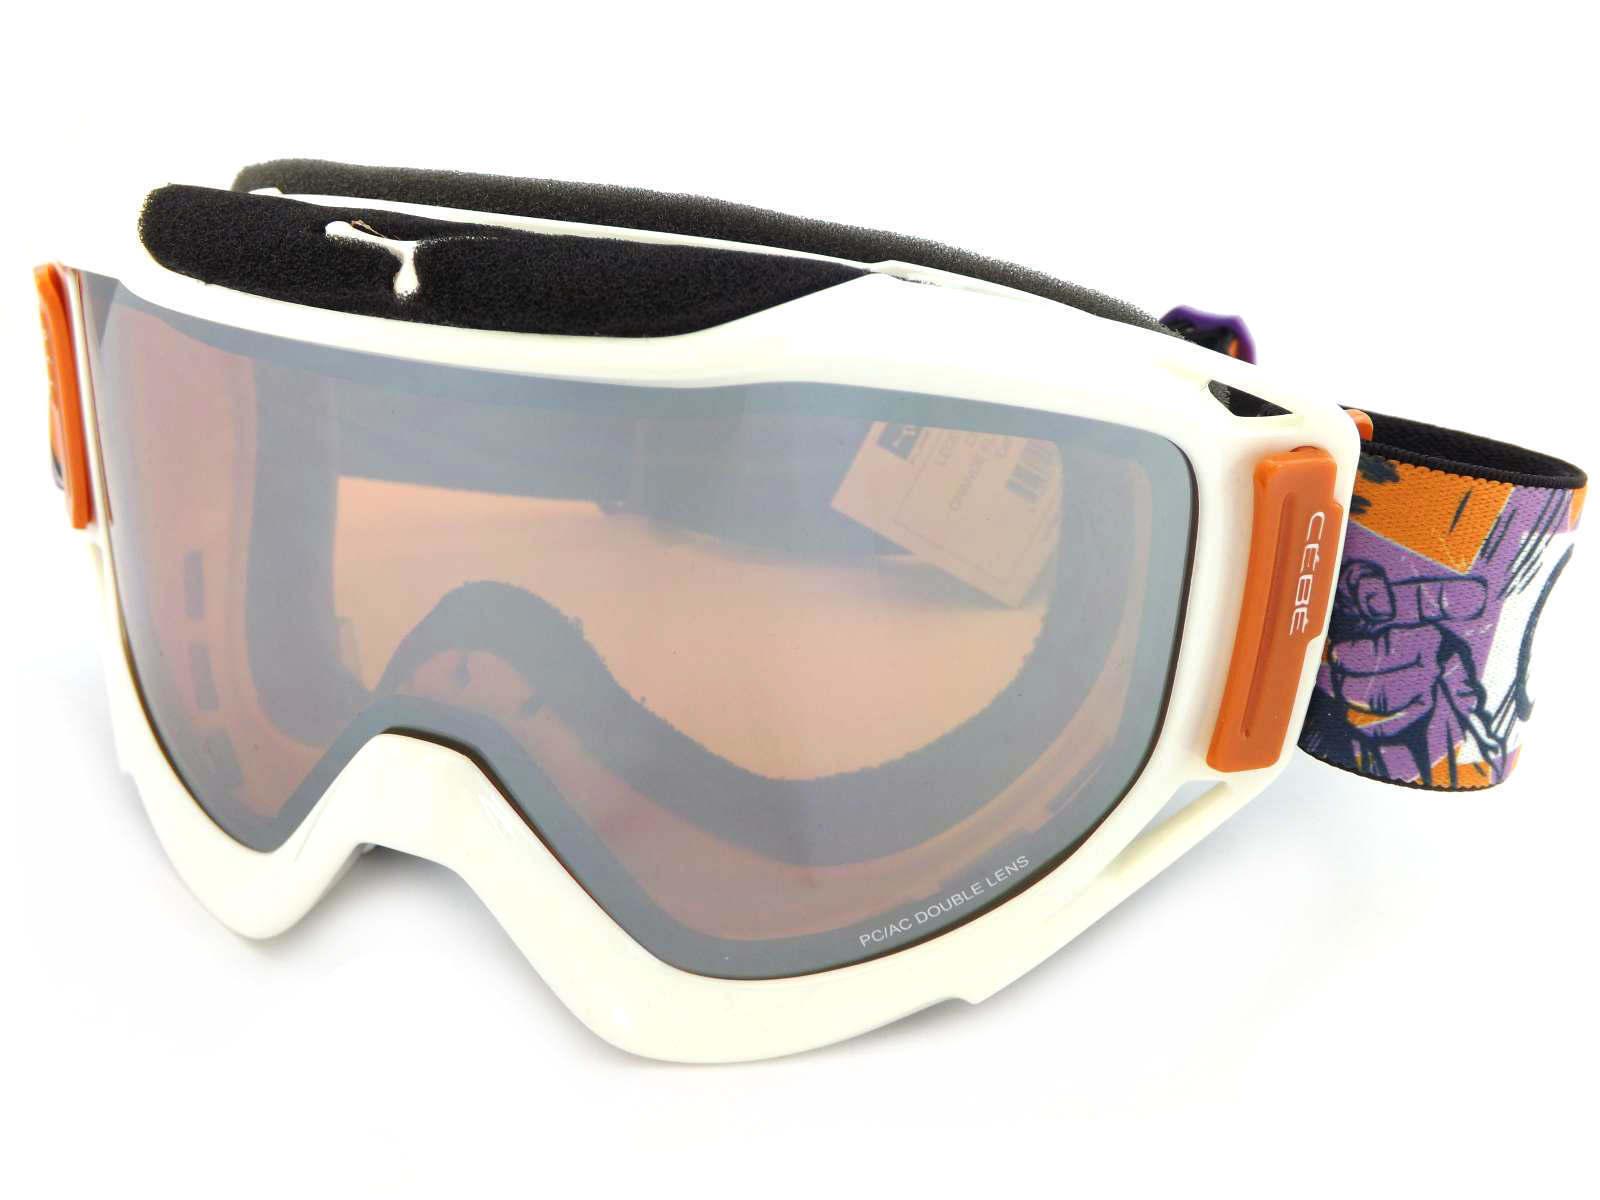 Cébé - Legend L L L Gafas Esquí Snowboard Pow Blanco   Naranja Espejo Cat.2 CBG25 5f064d